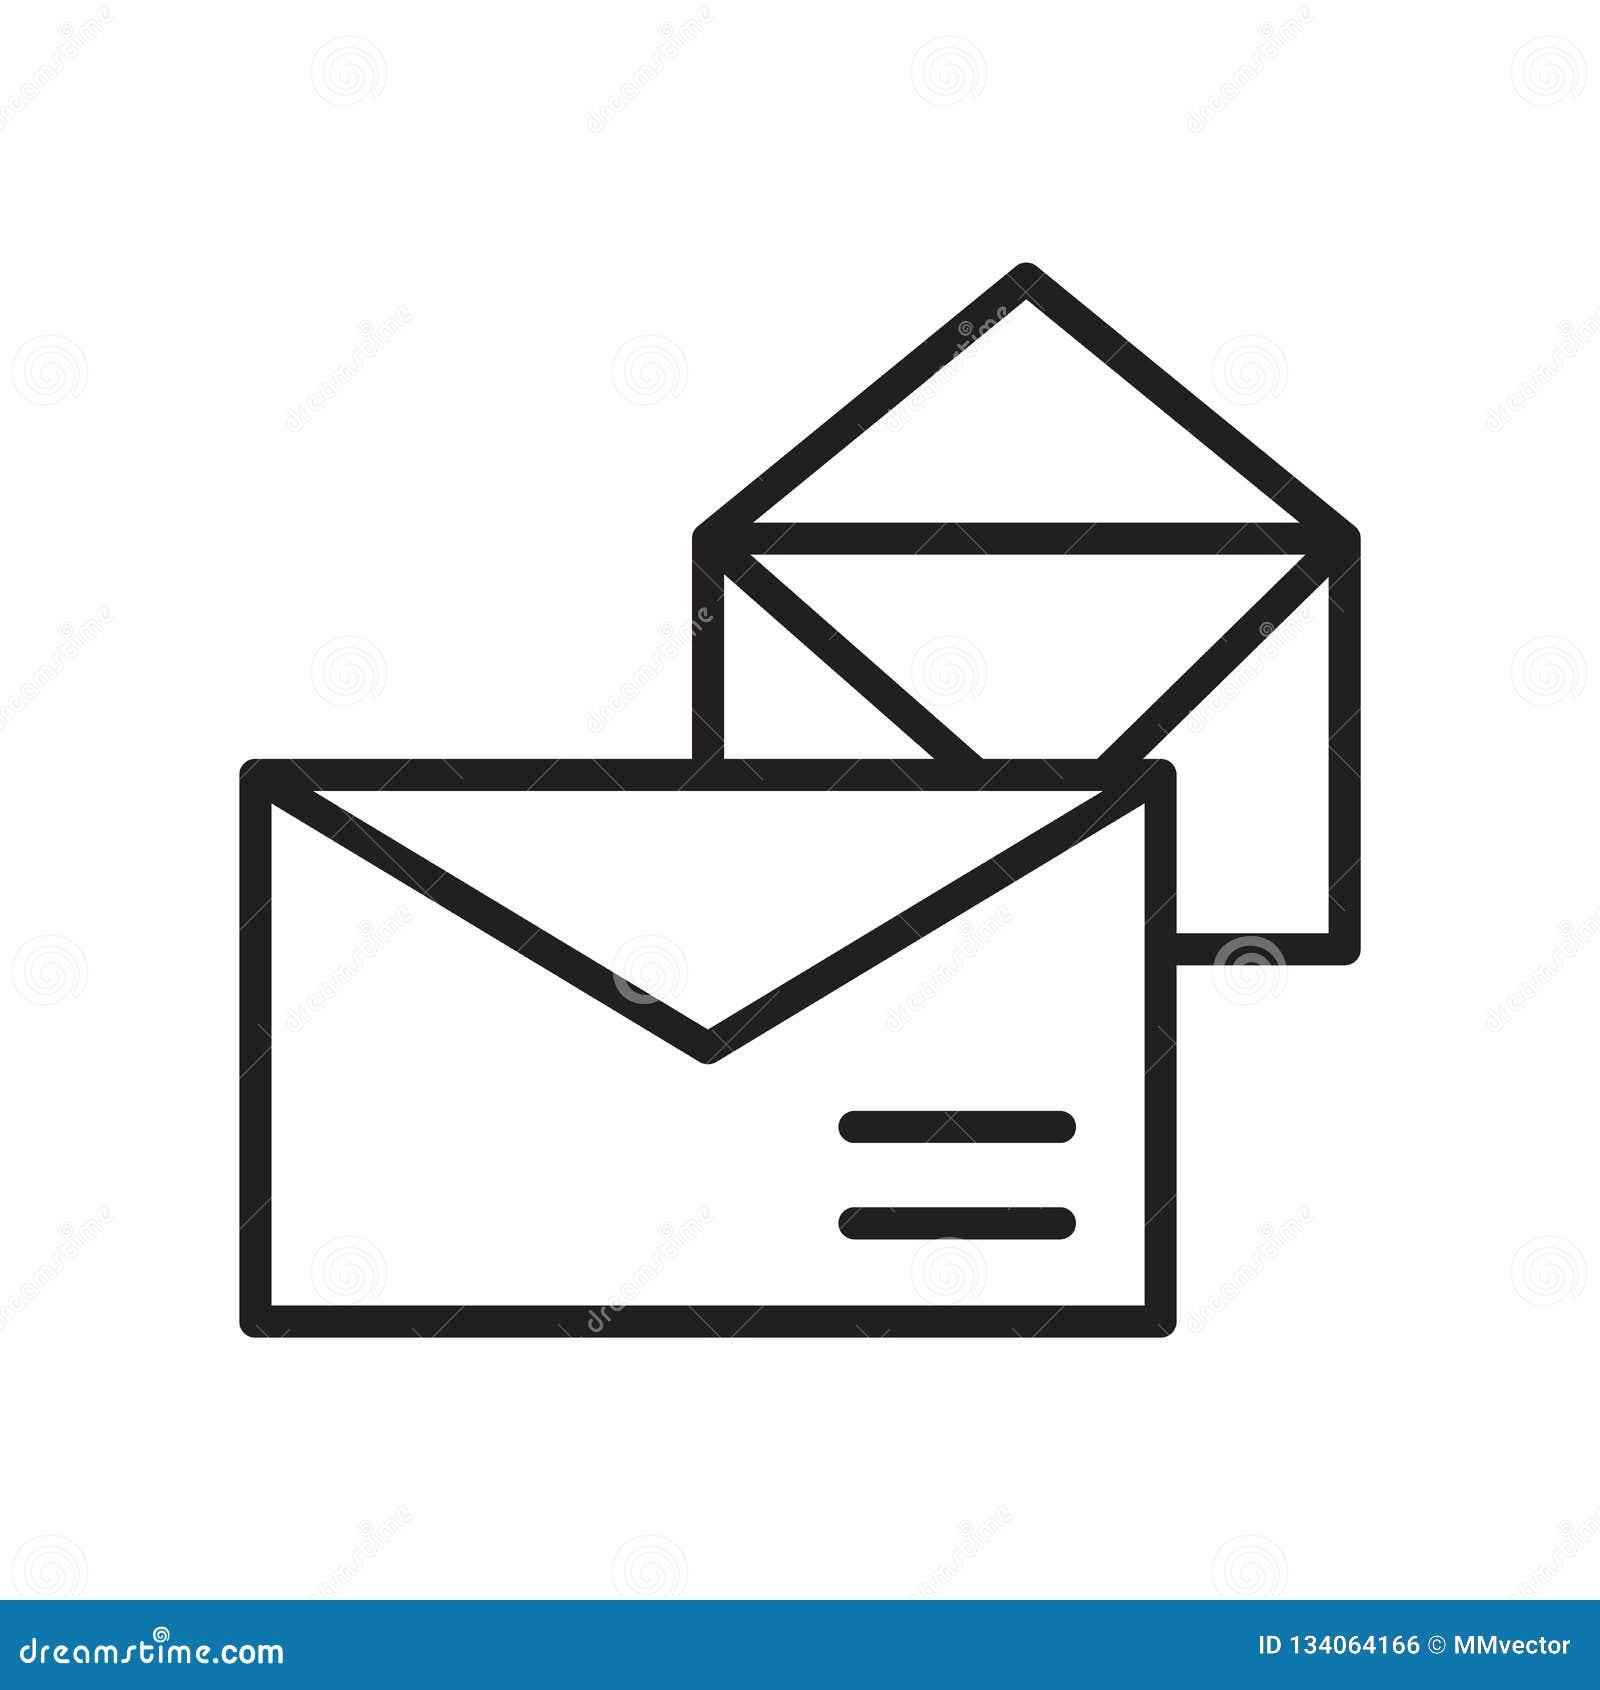 Διάνυσμα εικονιδίων ταχυδρομείου που απομονώνεται στο άσπρο υπόβαθρο, το σημάδι ταχυδρομείου, το γραμμικά σύμβολο και τα στοιχεία